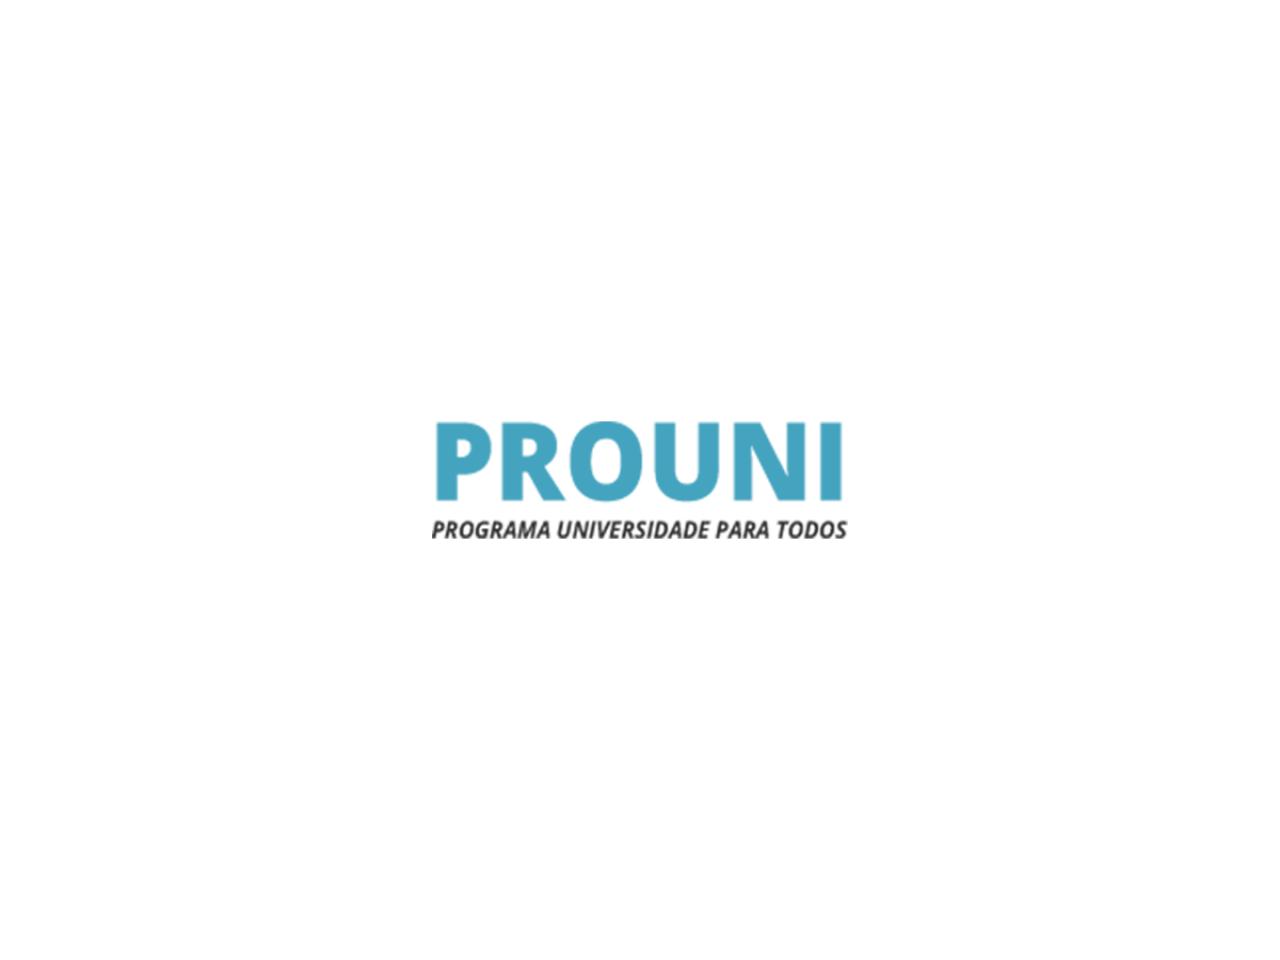 Abertas inscrições para bolsas remanescentes do ProUni 2021/1